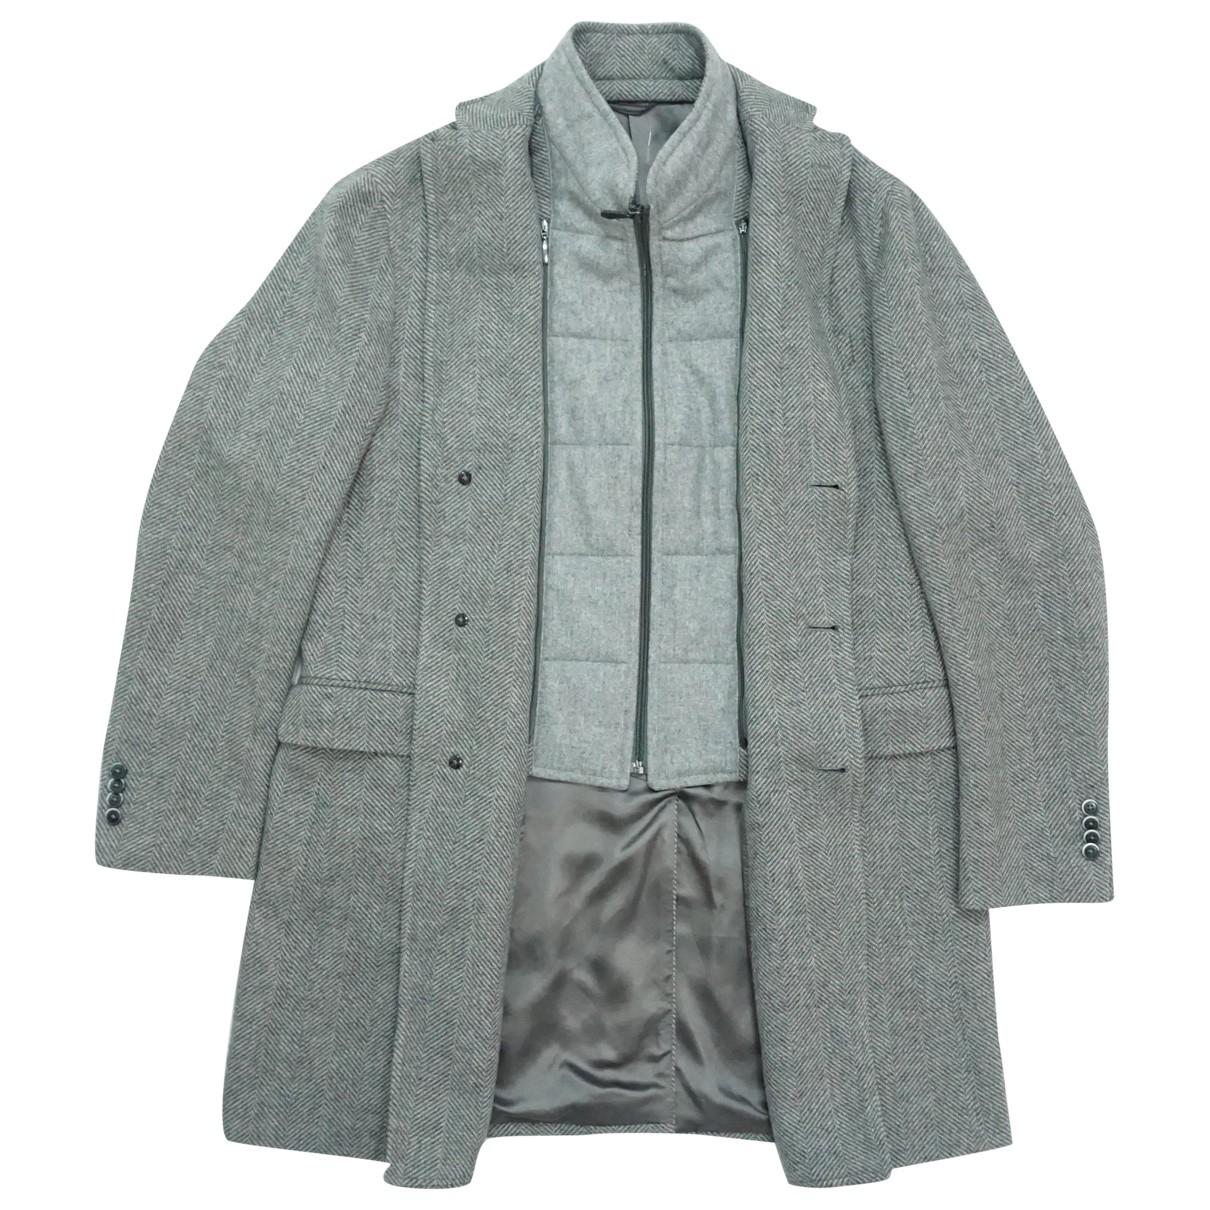 Boggi - Manteau   pour homme en laine - gris